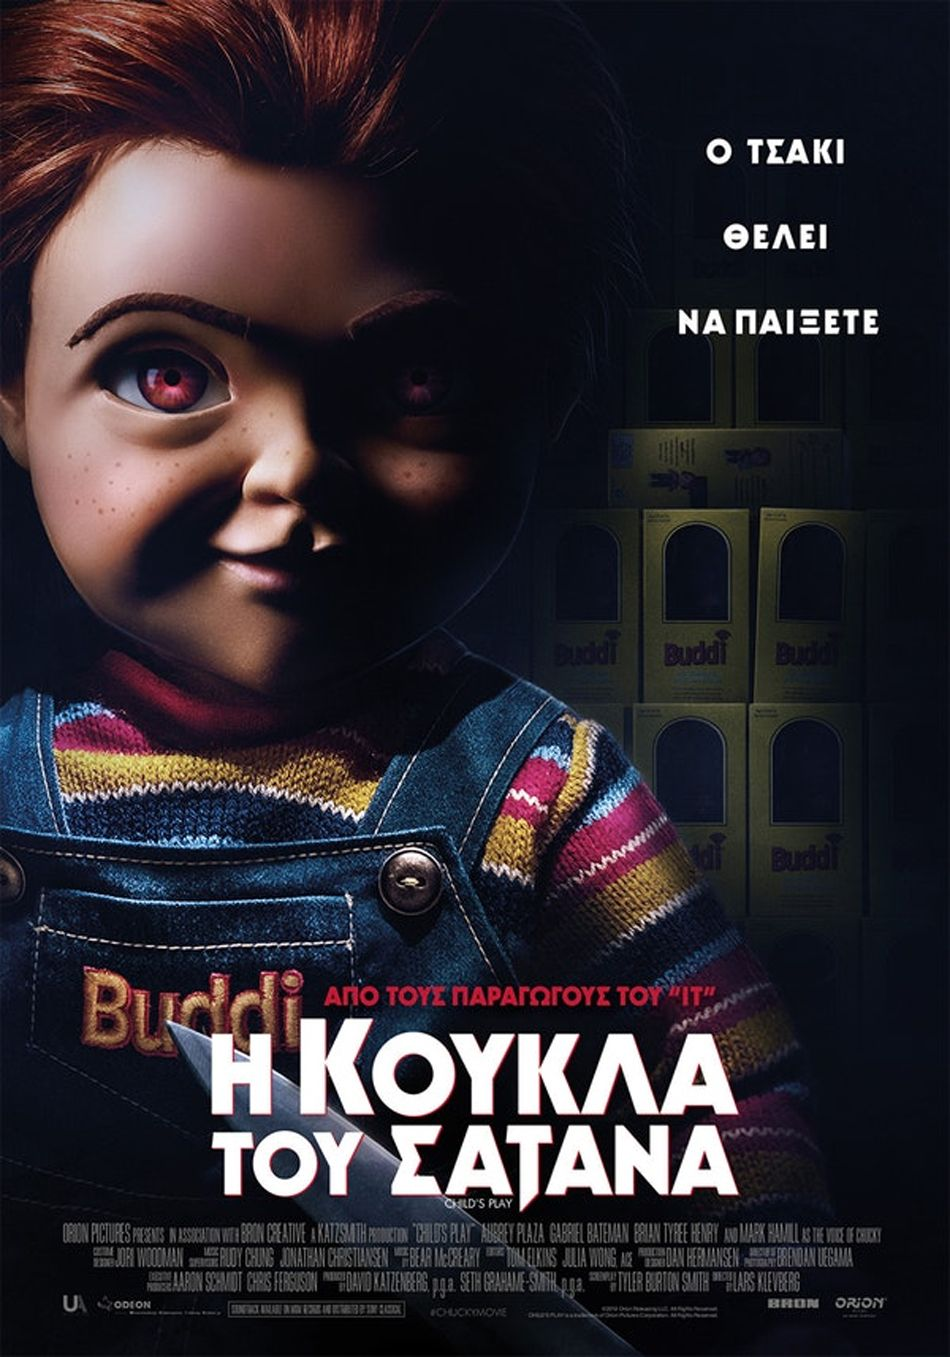 Η Κούκλα του Σατανά (Child's Play) Trailer / Τρέιλερ Poster